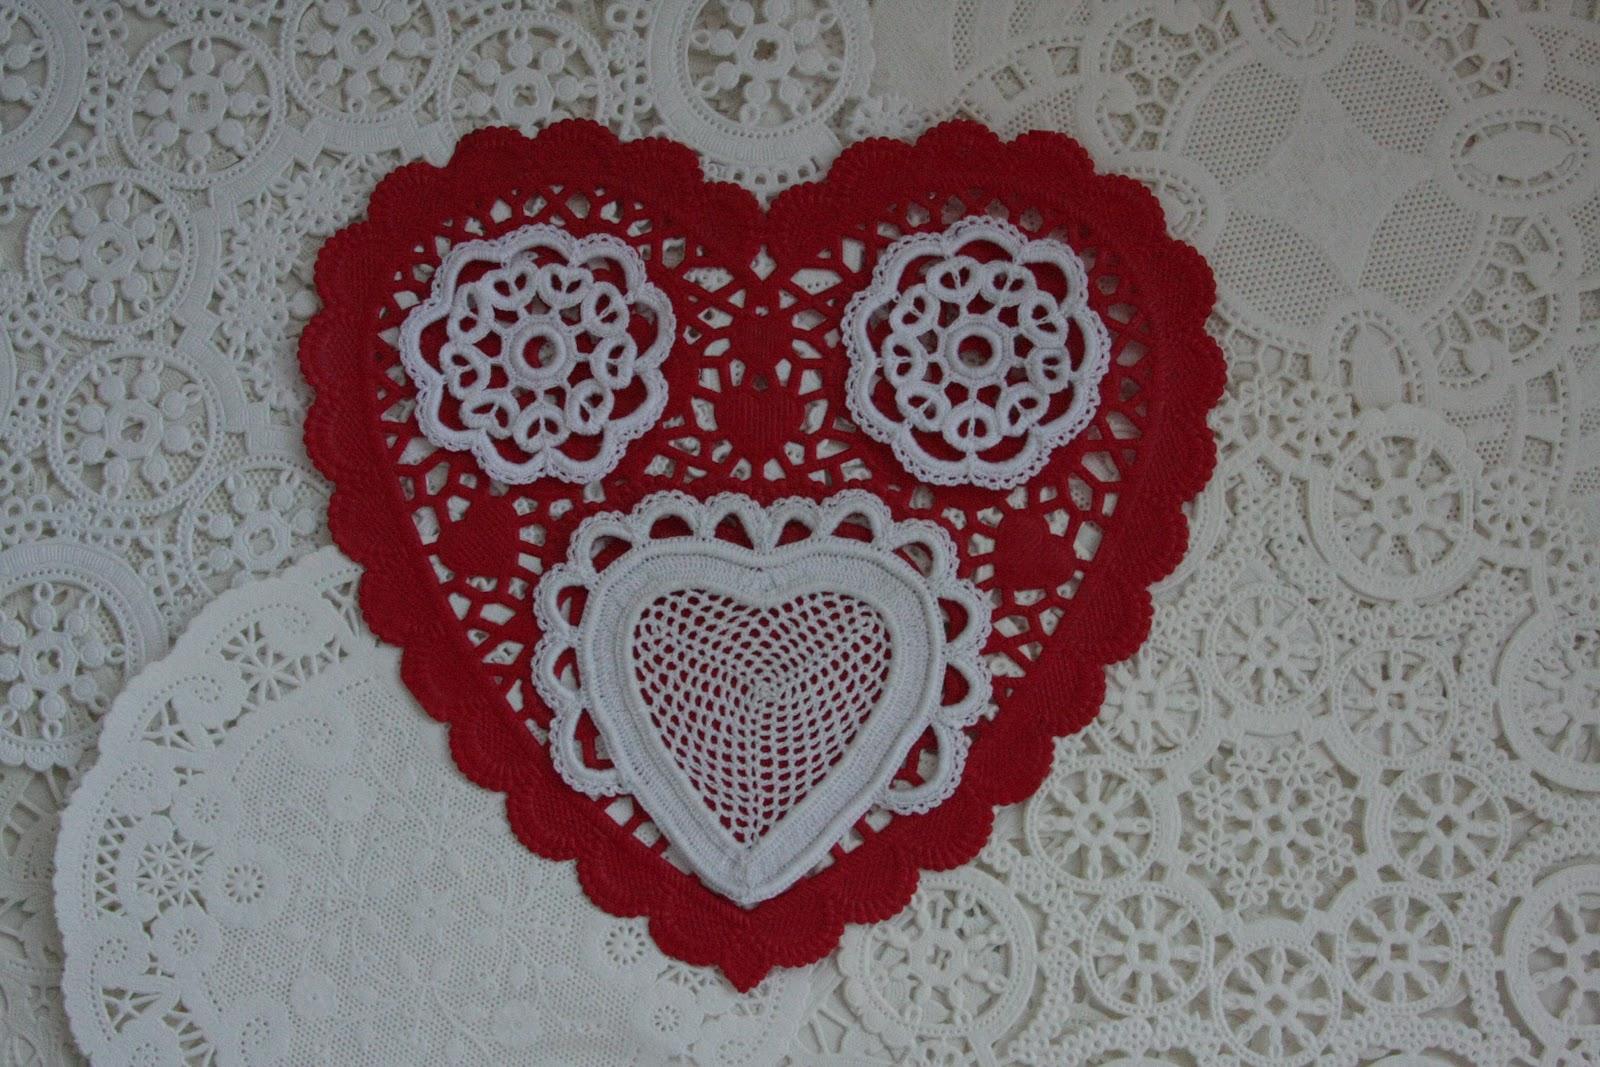 The Laboratory: Mesh Heart Motif in Irish Crochet